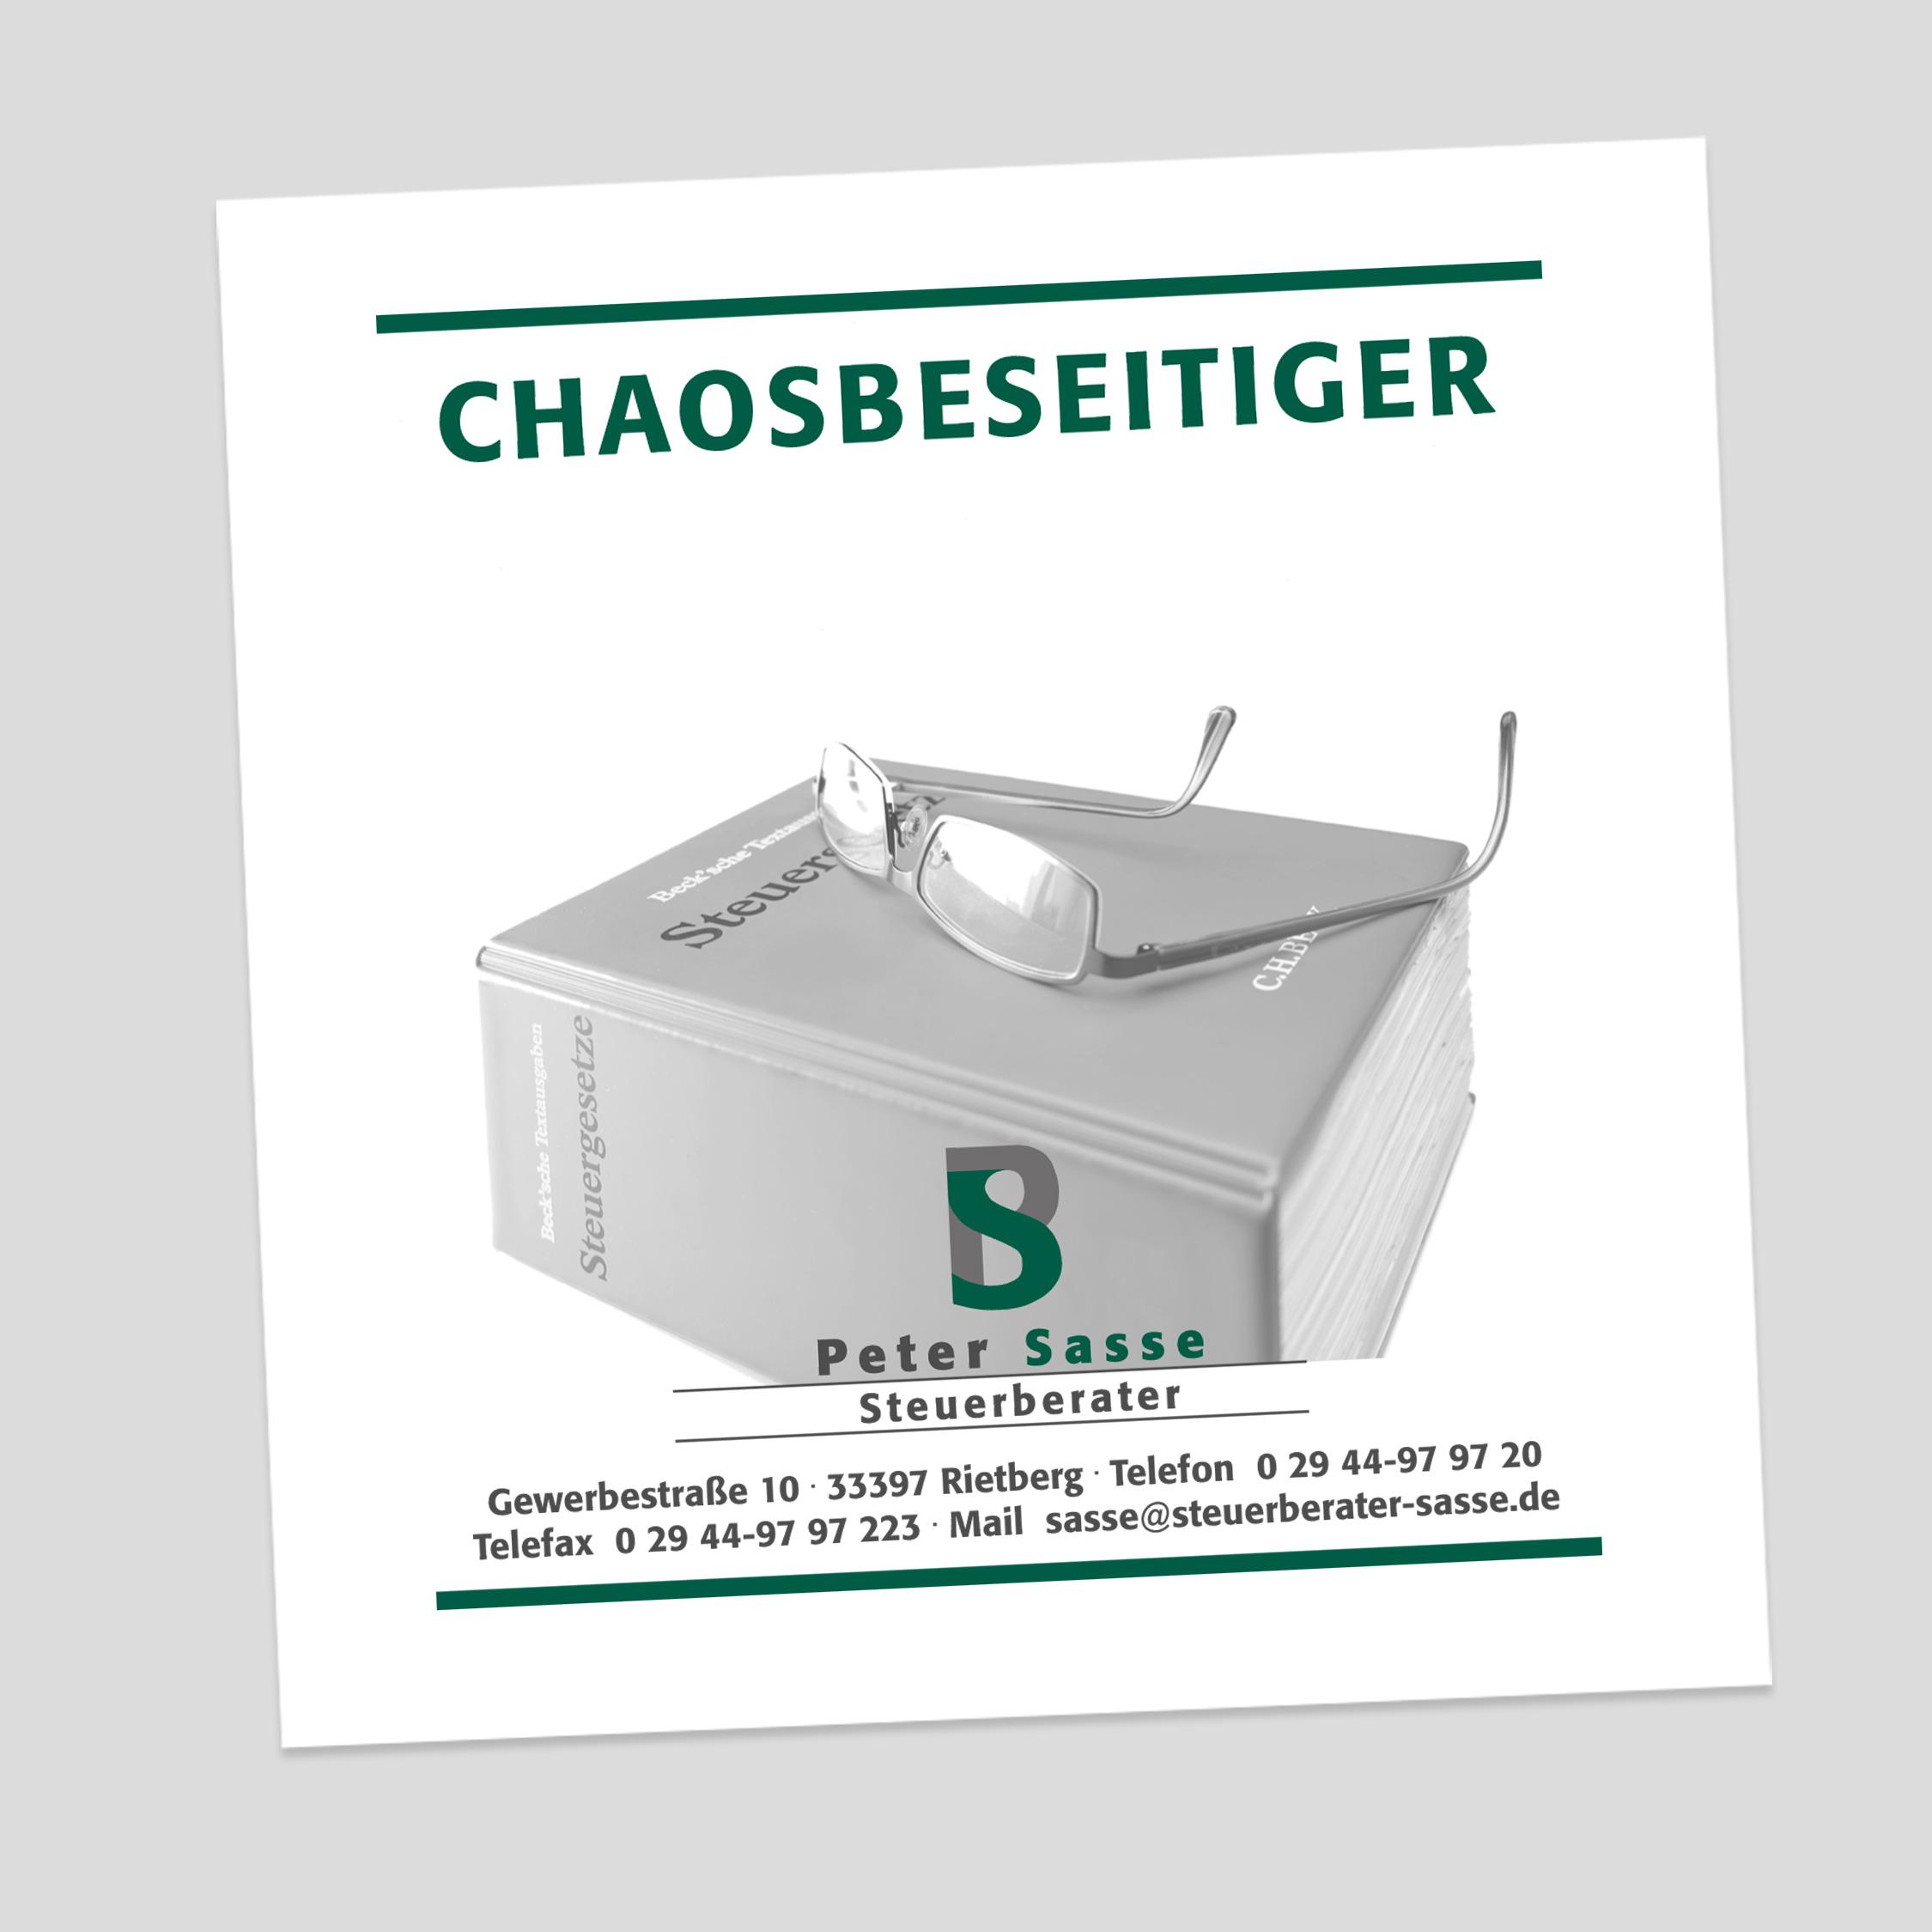 Sasse – Anzeige – Chaosbeseitiger